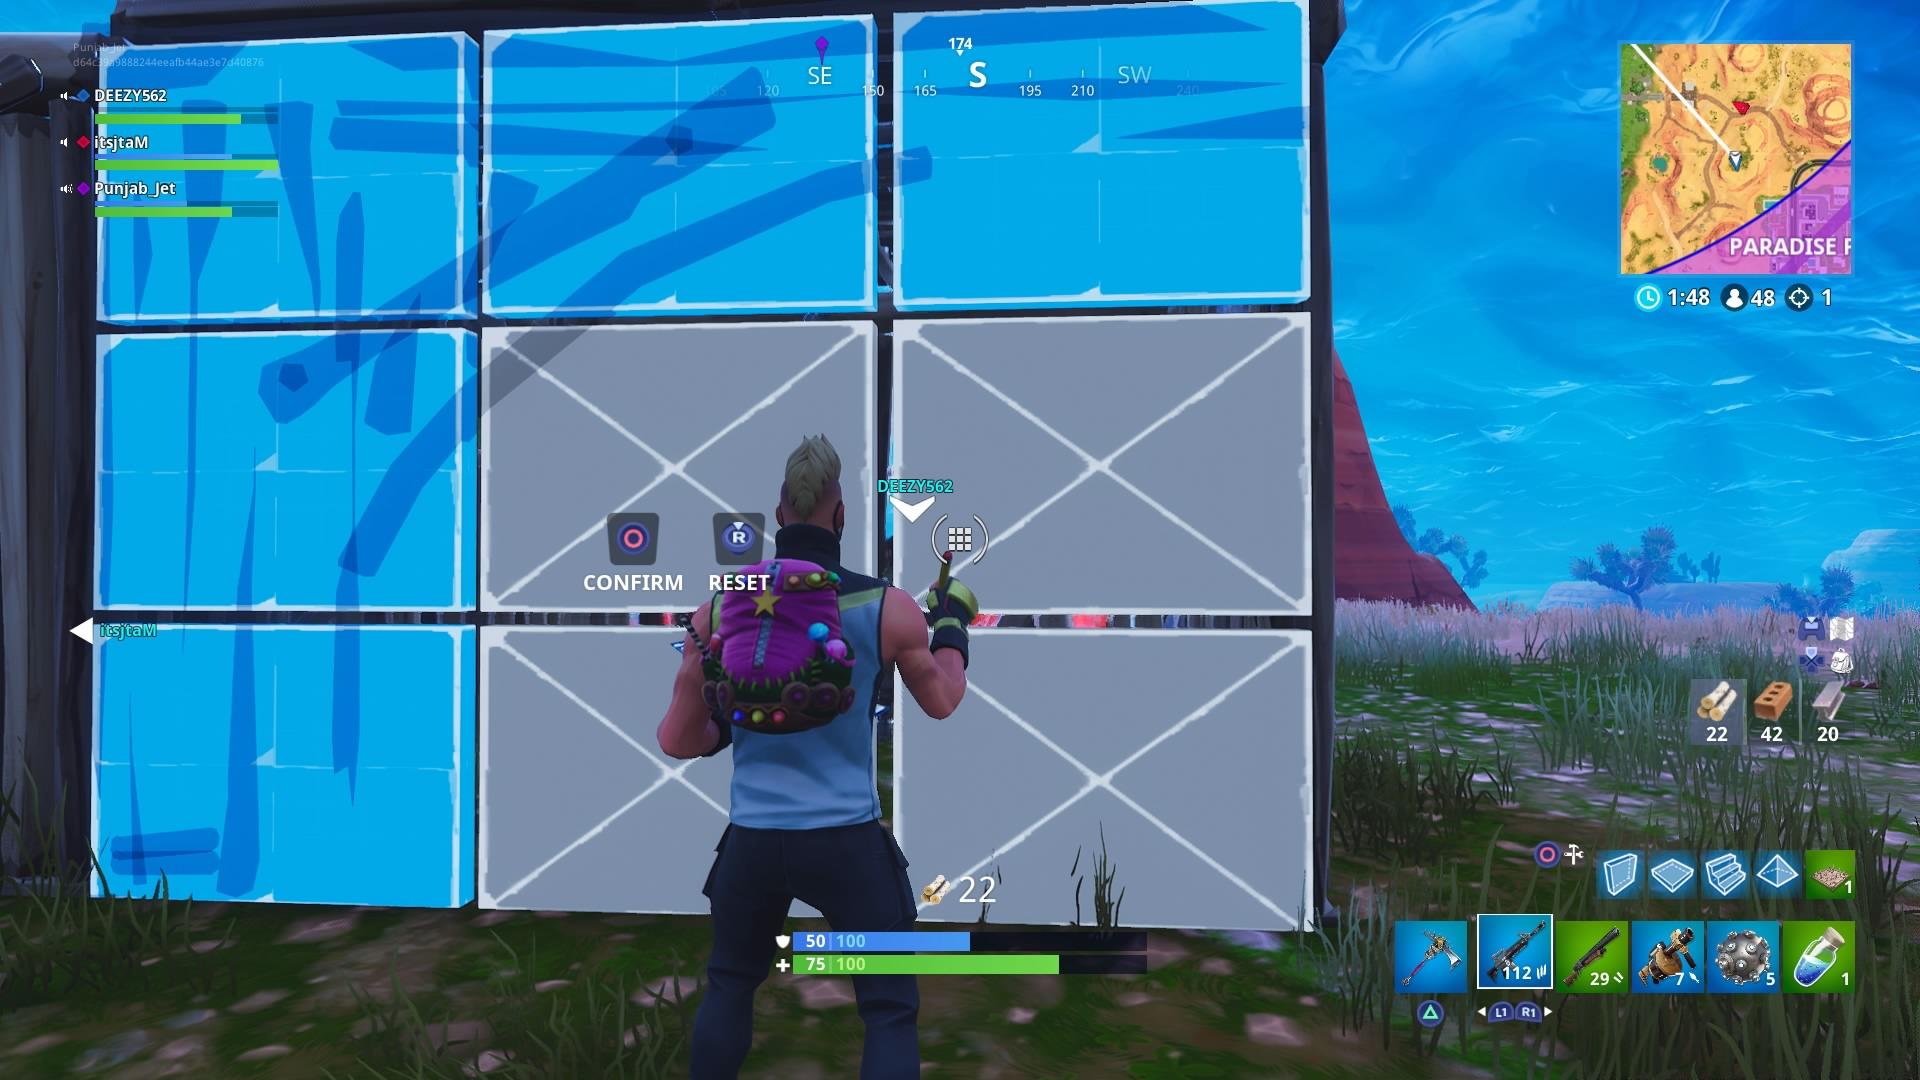 fortnite building desktop hd wallpaper 64516